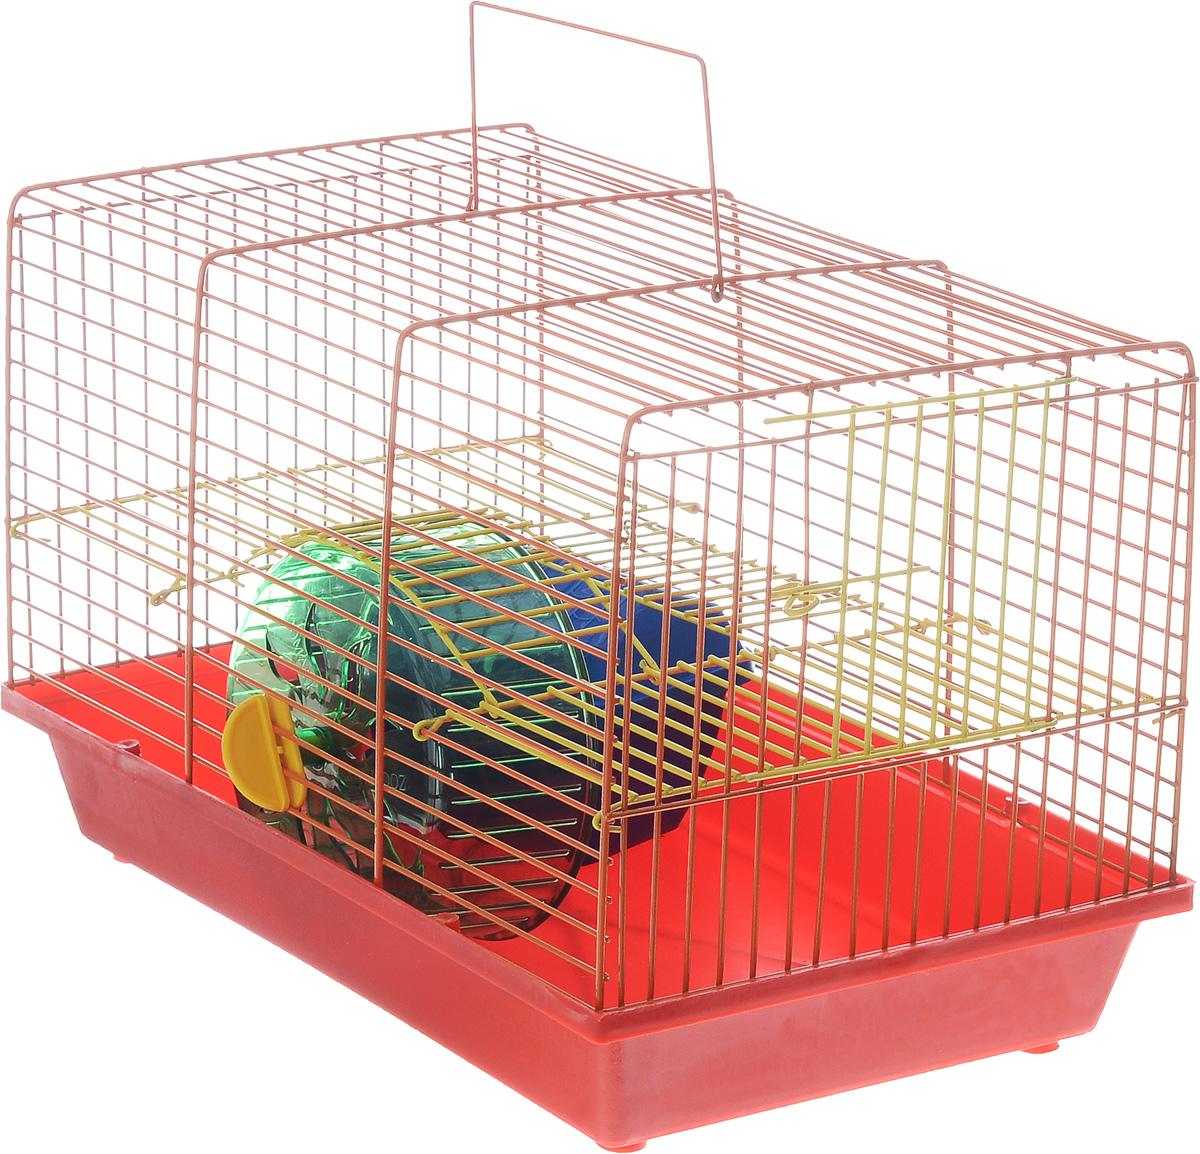 Клетка для грызунов Зоомарк Венеция, 2-этажная, цвет: красный поддон, оранжевая решетка, желтый этаж, 36 х 23 х 24 см145кКОКлетка Венеция, выполненная из полипропилена и металла, подходит для мелких грызунов. Изделие двухэтажное, оборудовано колесом для подвижных игр и пластиковым домиком. Клетка имеет яркий поддон, удобна в использовании и легко чистится. Сверху имеется ручка для переноски. Такая клетка станет уединенным личным пространством и уютным домиком для маленького грызуна.